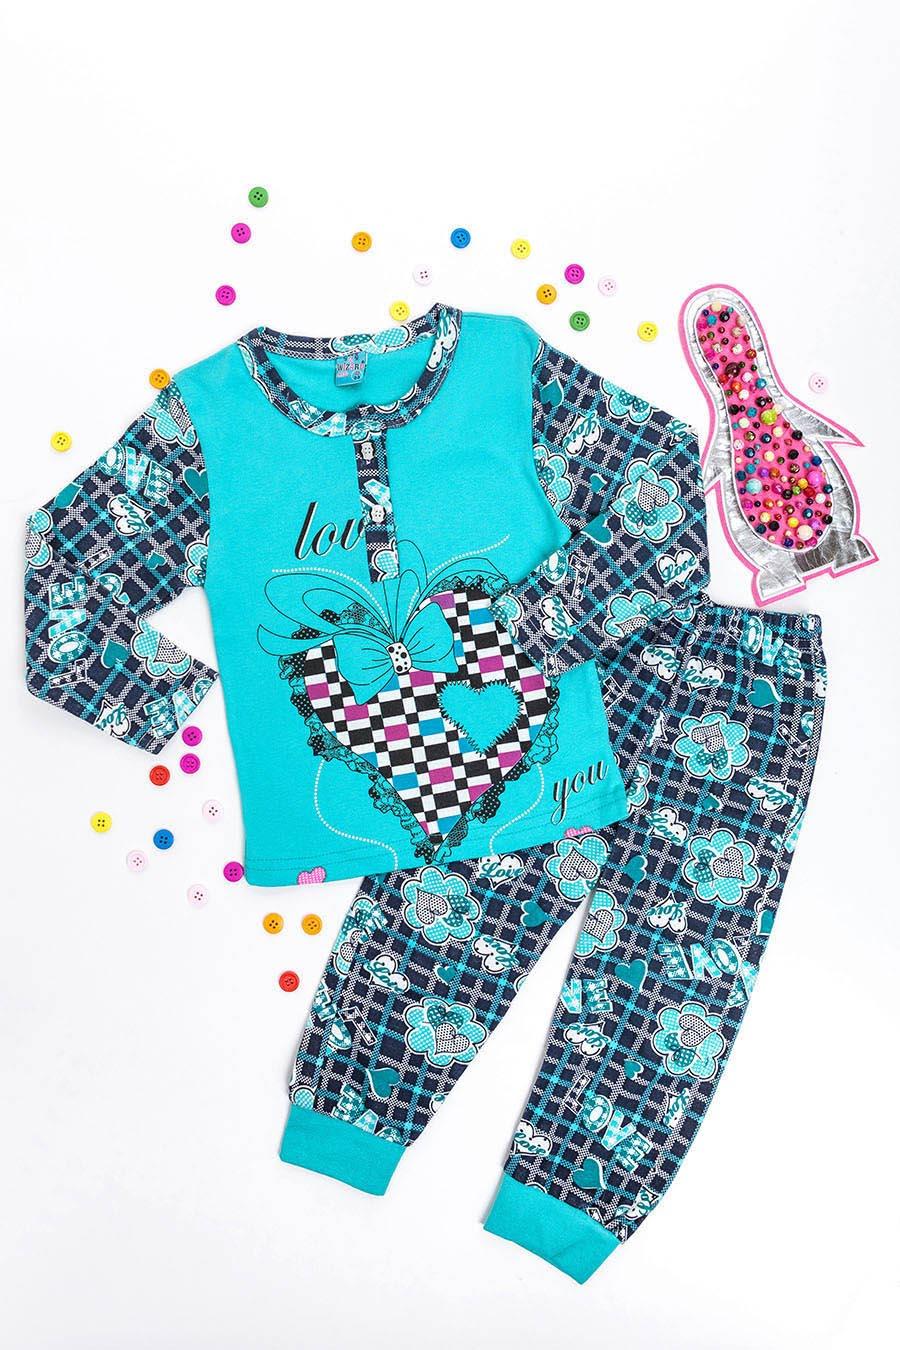 Пижама Для Девочки «Пингвин» ~ Купить Оптом От (5+) 433045cd972c8